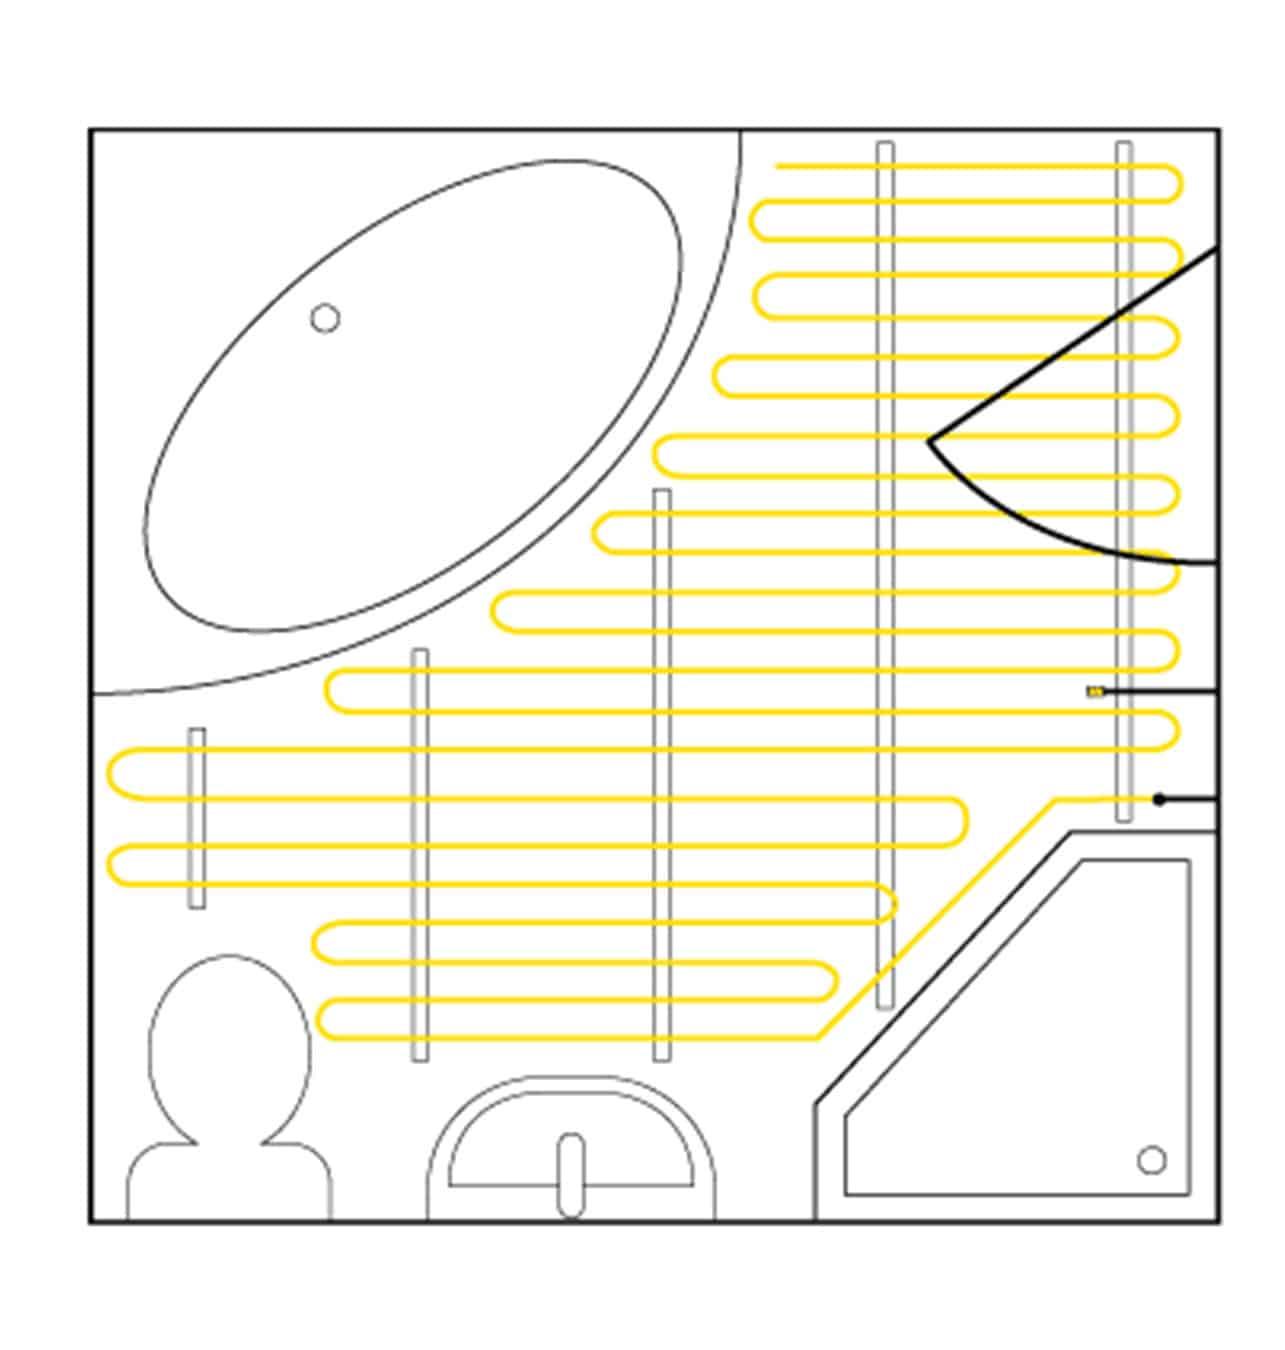 diagram-bathroom-floor-layout-vario-ez